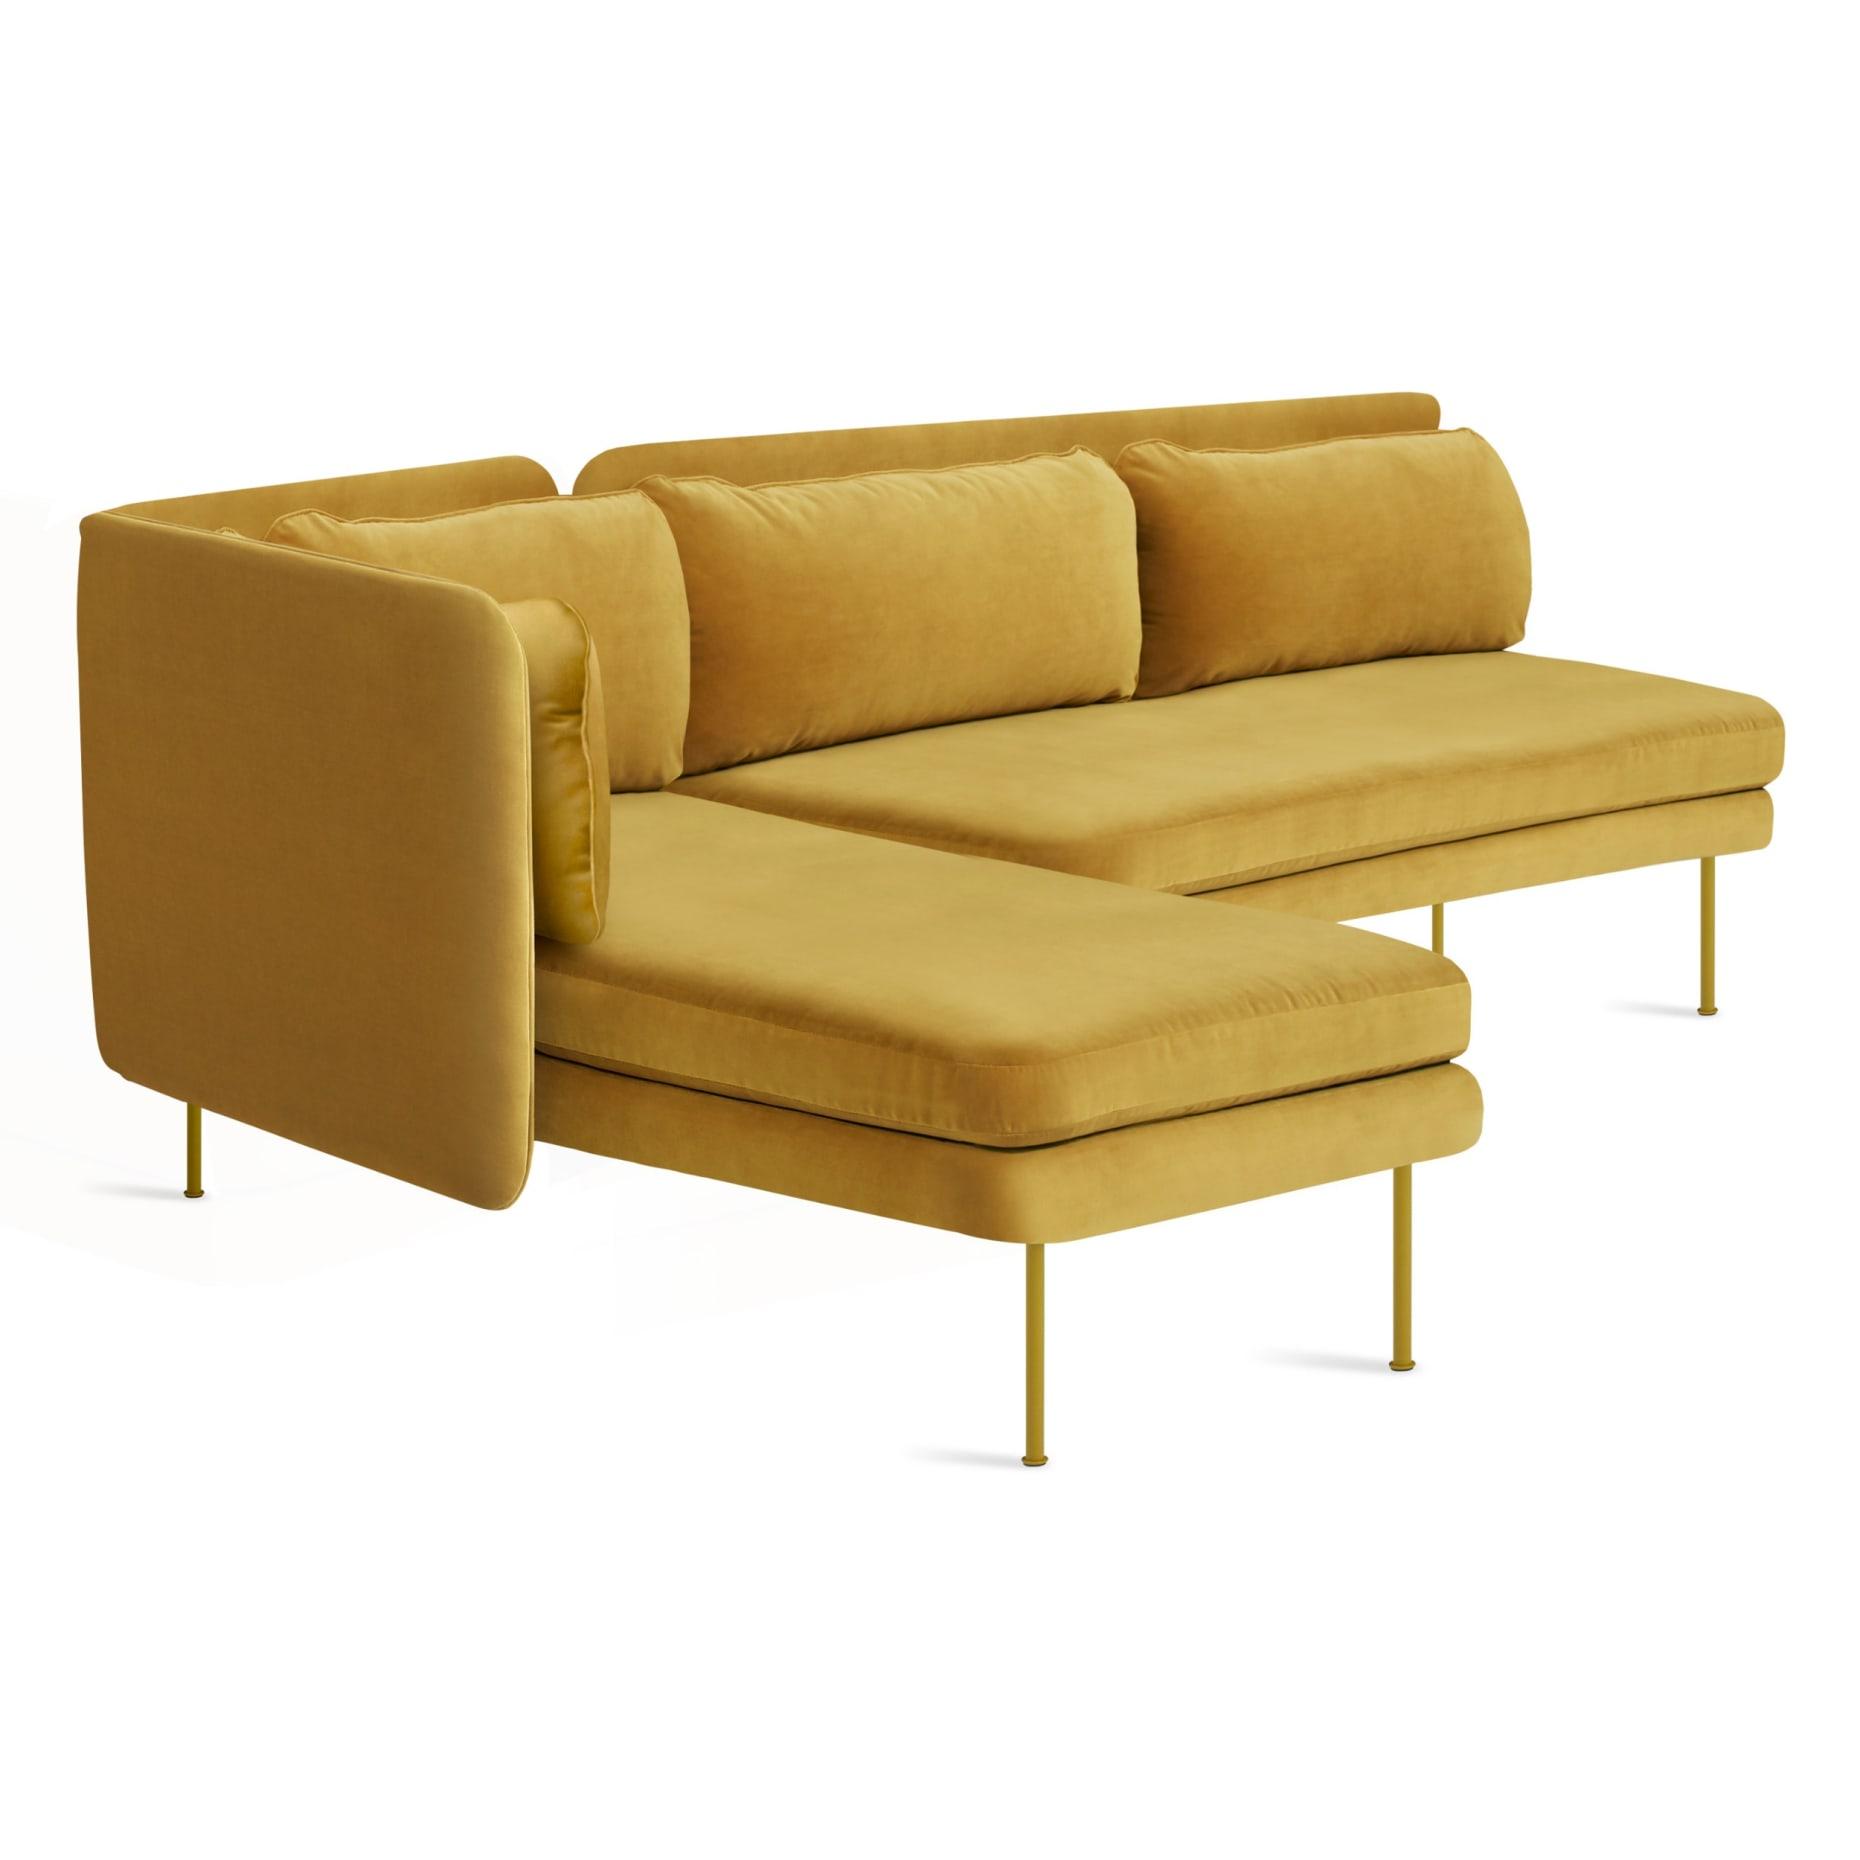 bl1 lchnam oc 34high bloke armless sofa left chaise ochre velvet